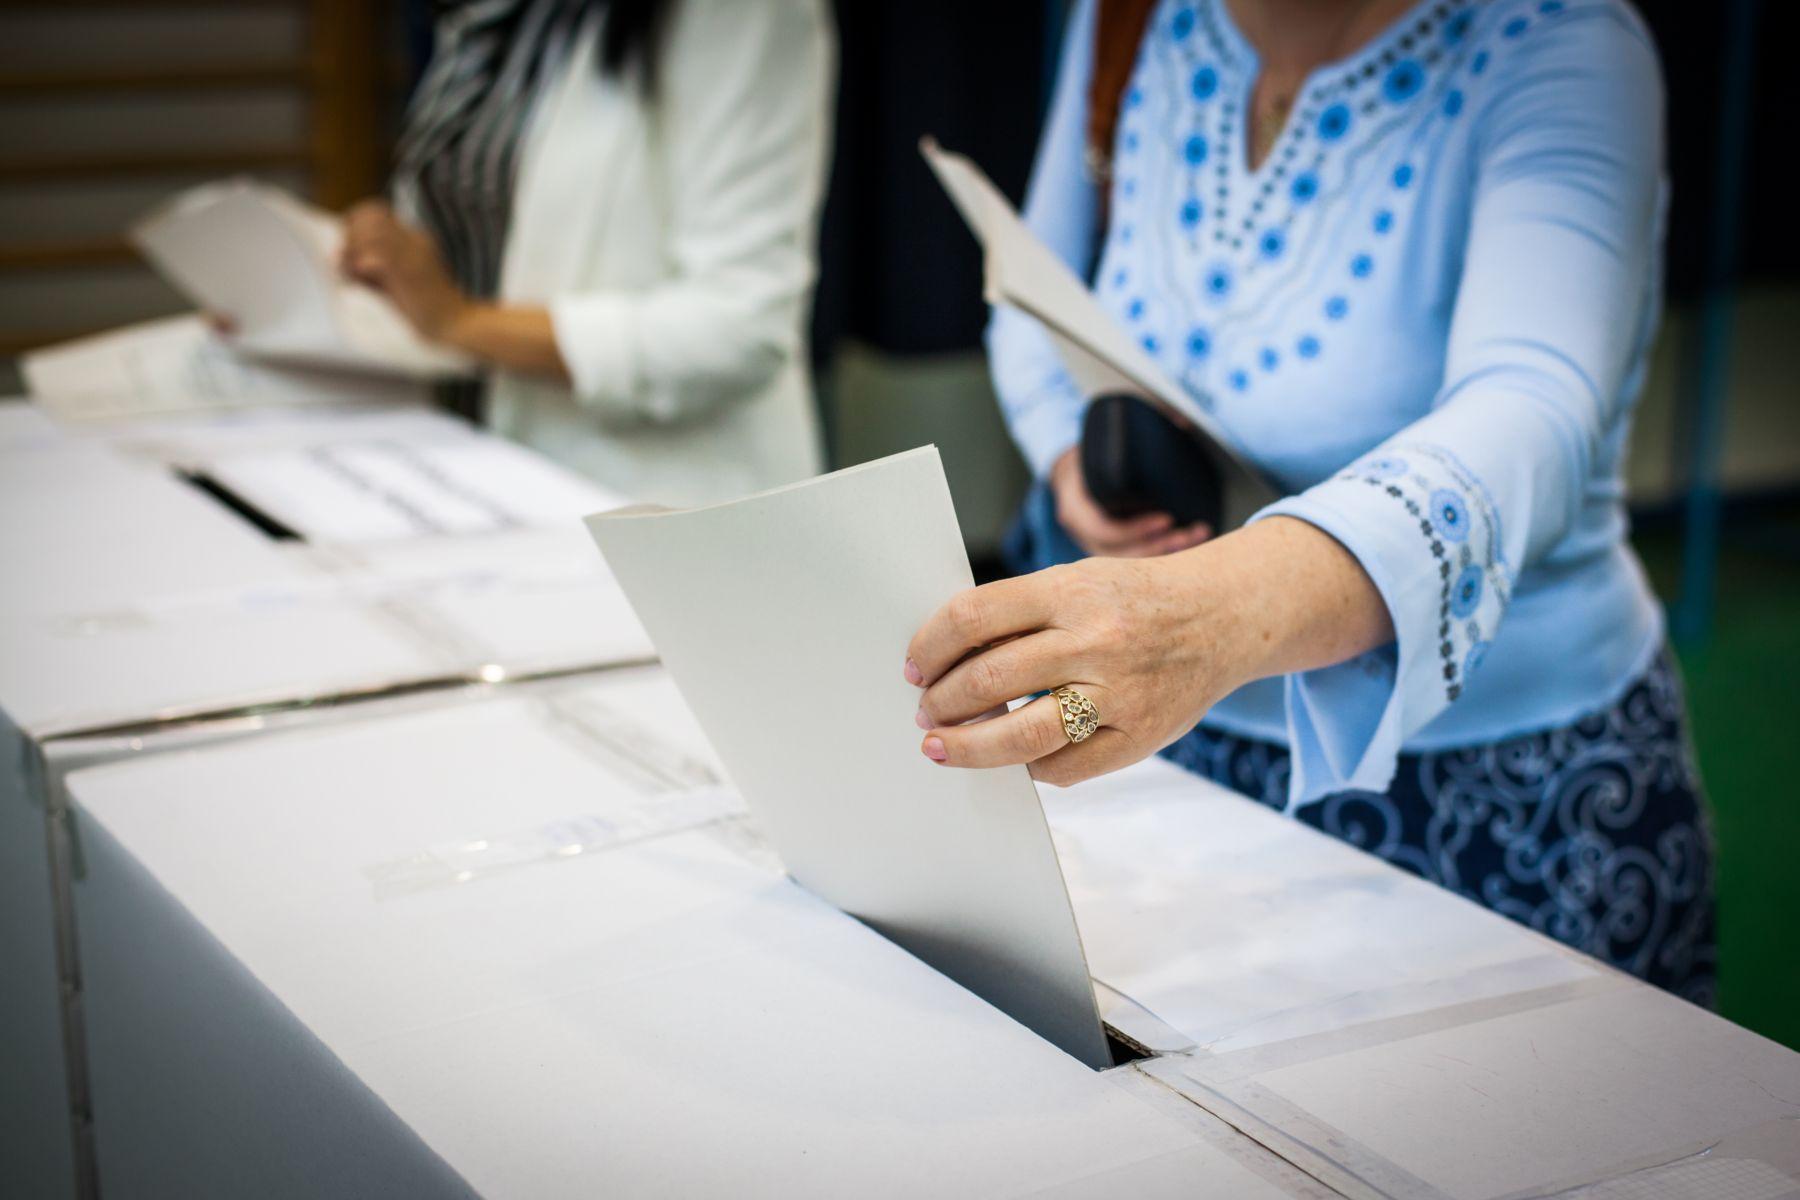 呂秋遠稱9案公投無法律效力 專家直指:這次公投是玩真的!